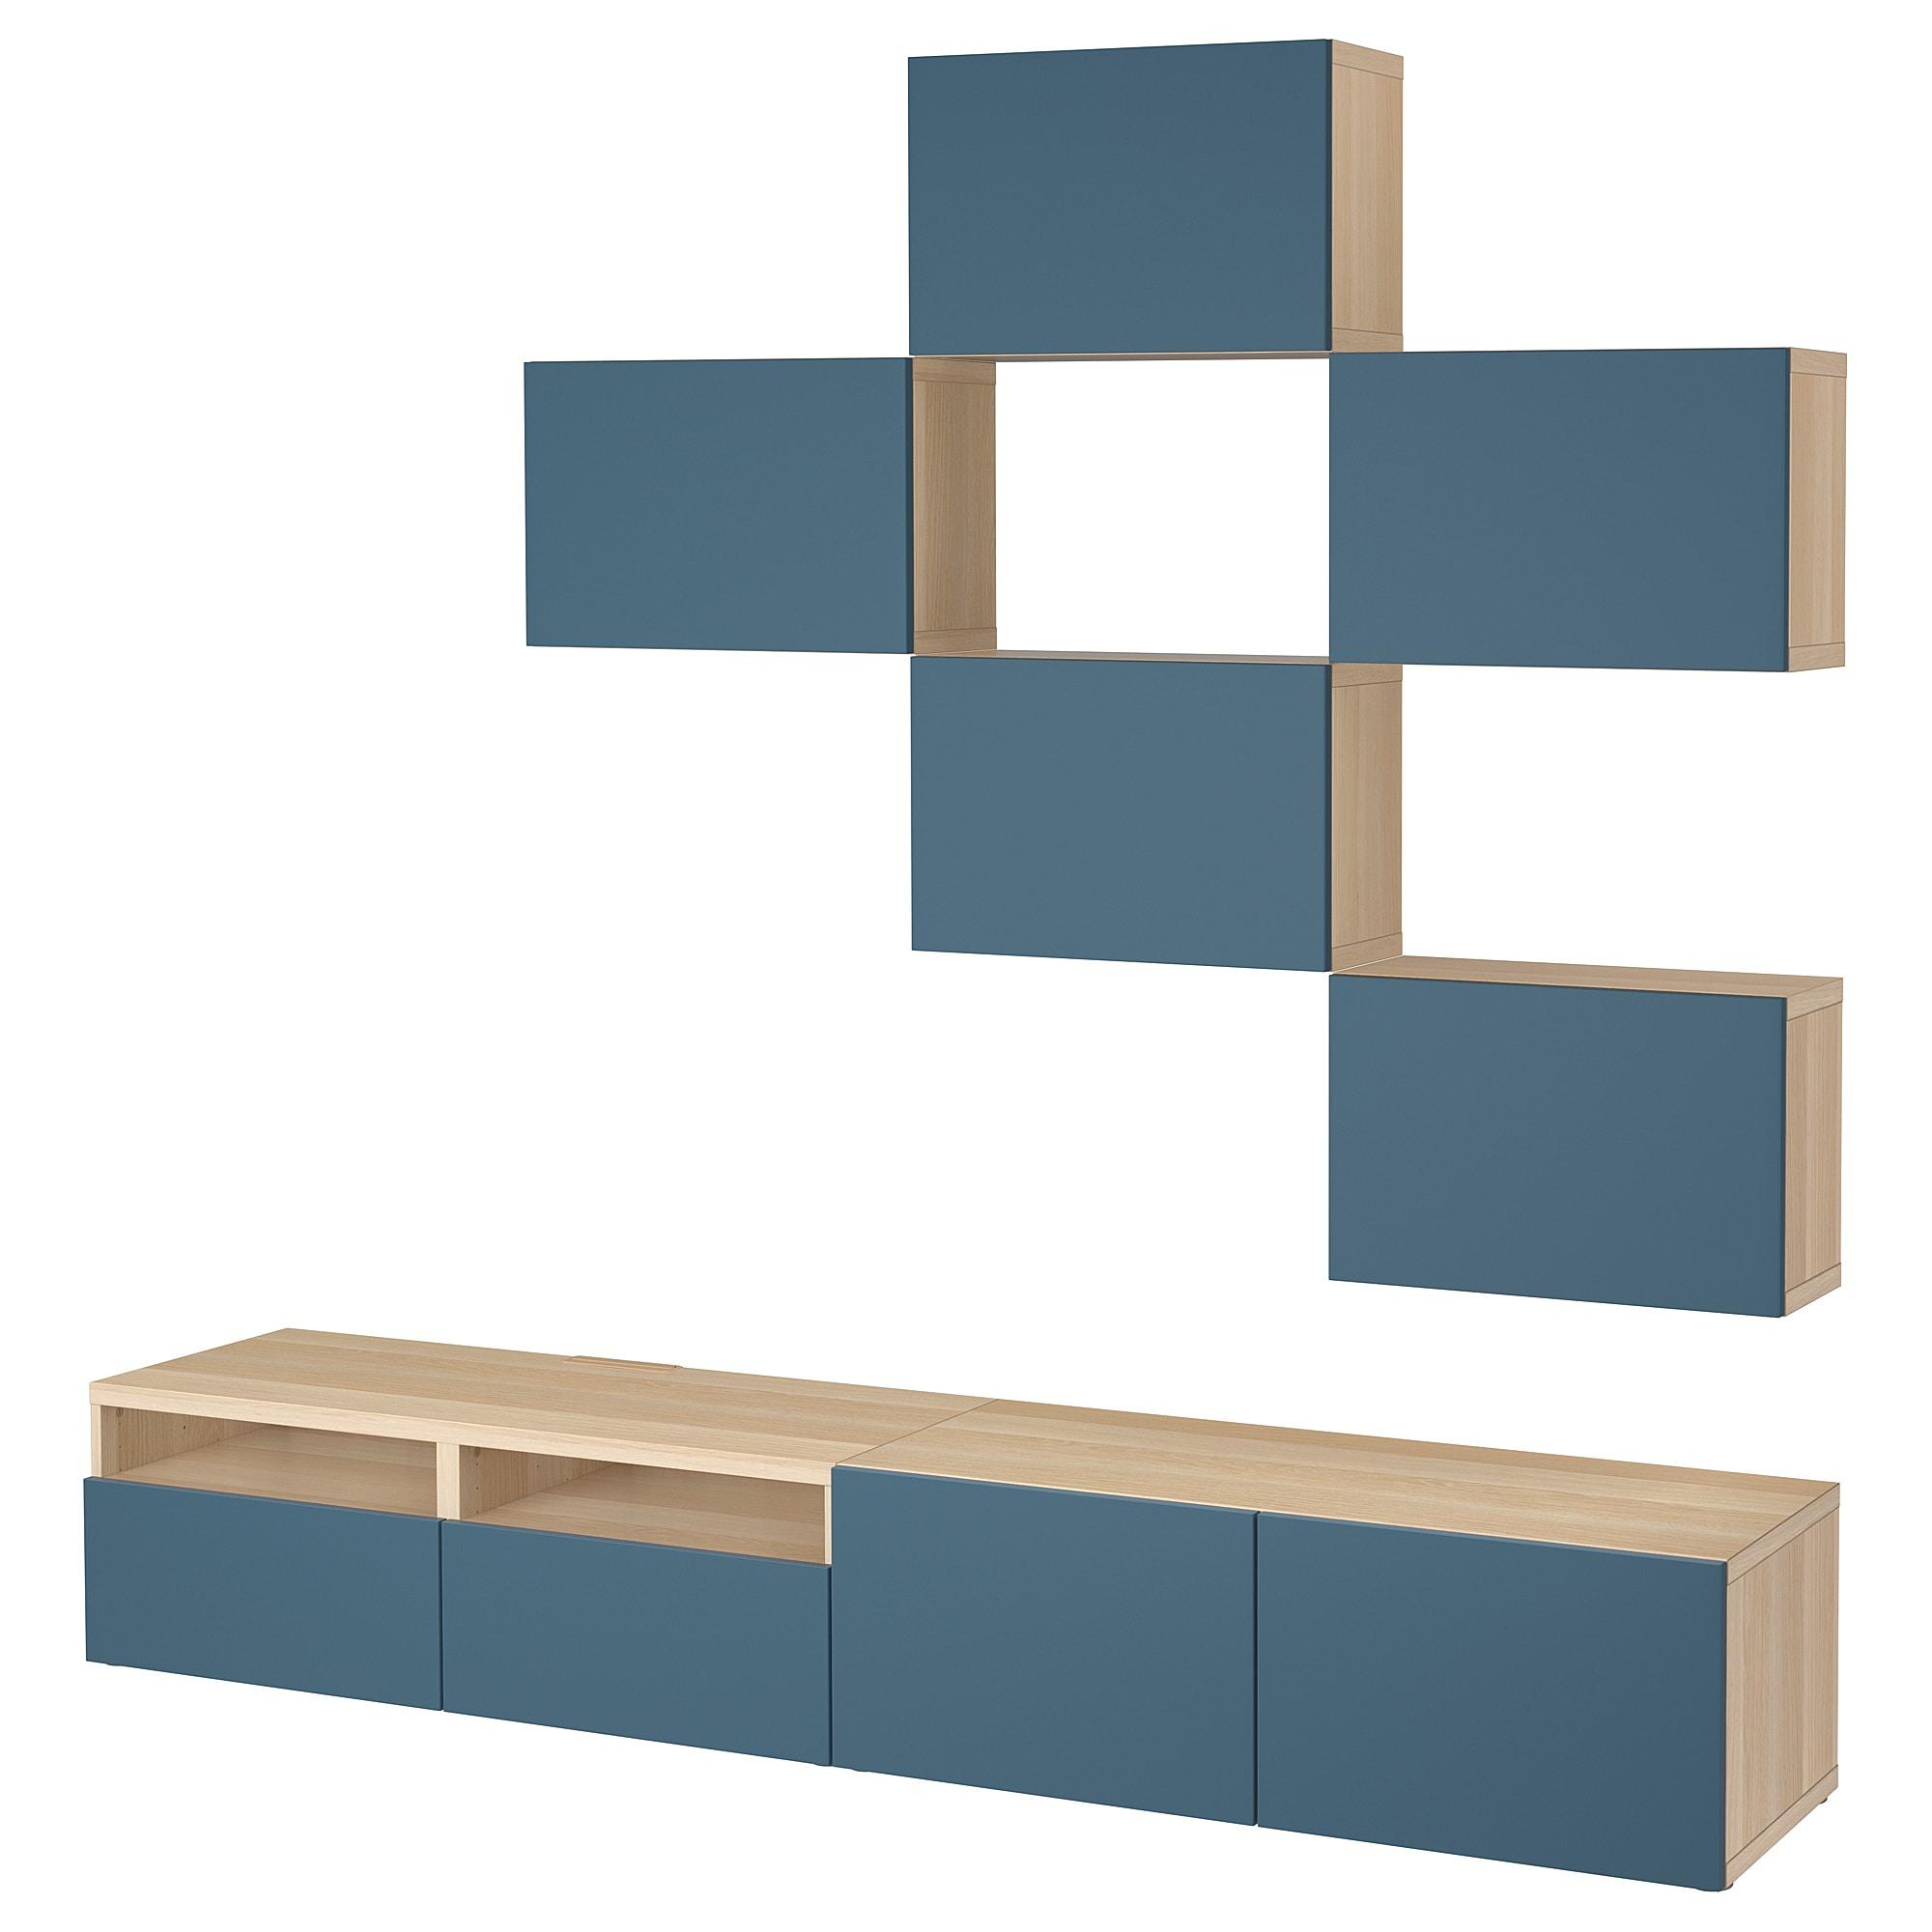 Шкаф для ТВ, комбинация БЕСТО темно-синий артикуль № 792.516.65 в наличии. Интернет сайт IKEA РБ. Быстрая доставка и монтаж.